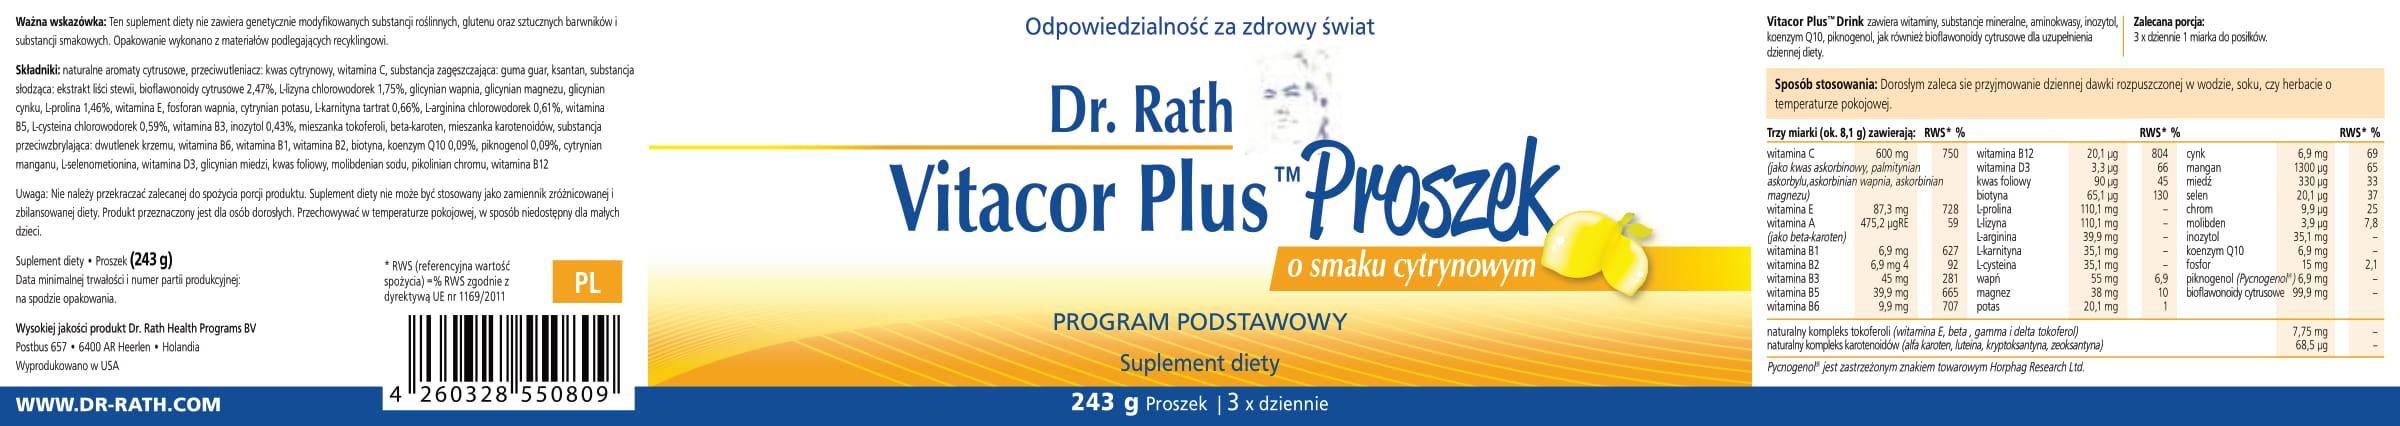 033_PL_-_Vitacor_Plus_Drink_-_Etykieta_produktu-1.jpg